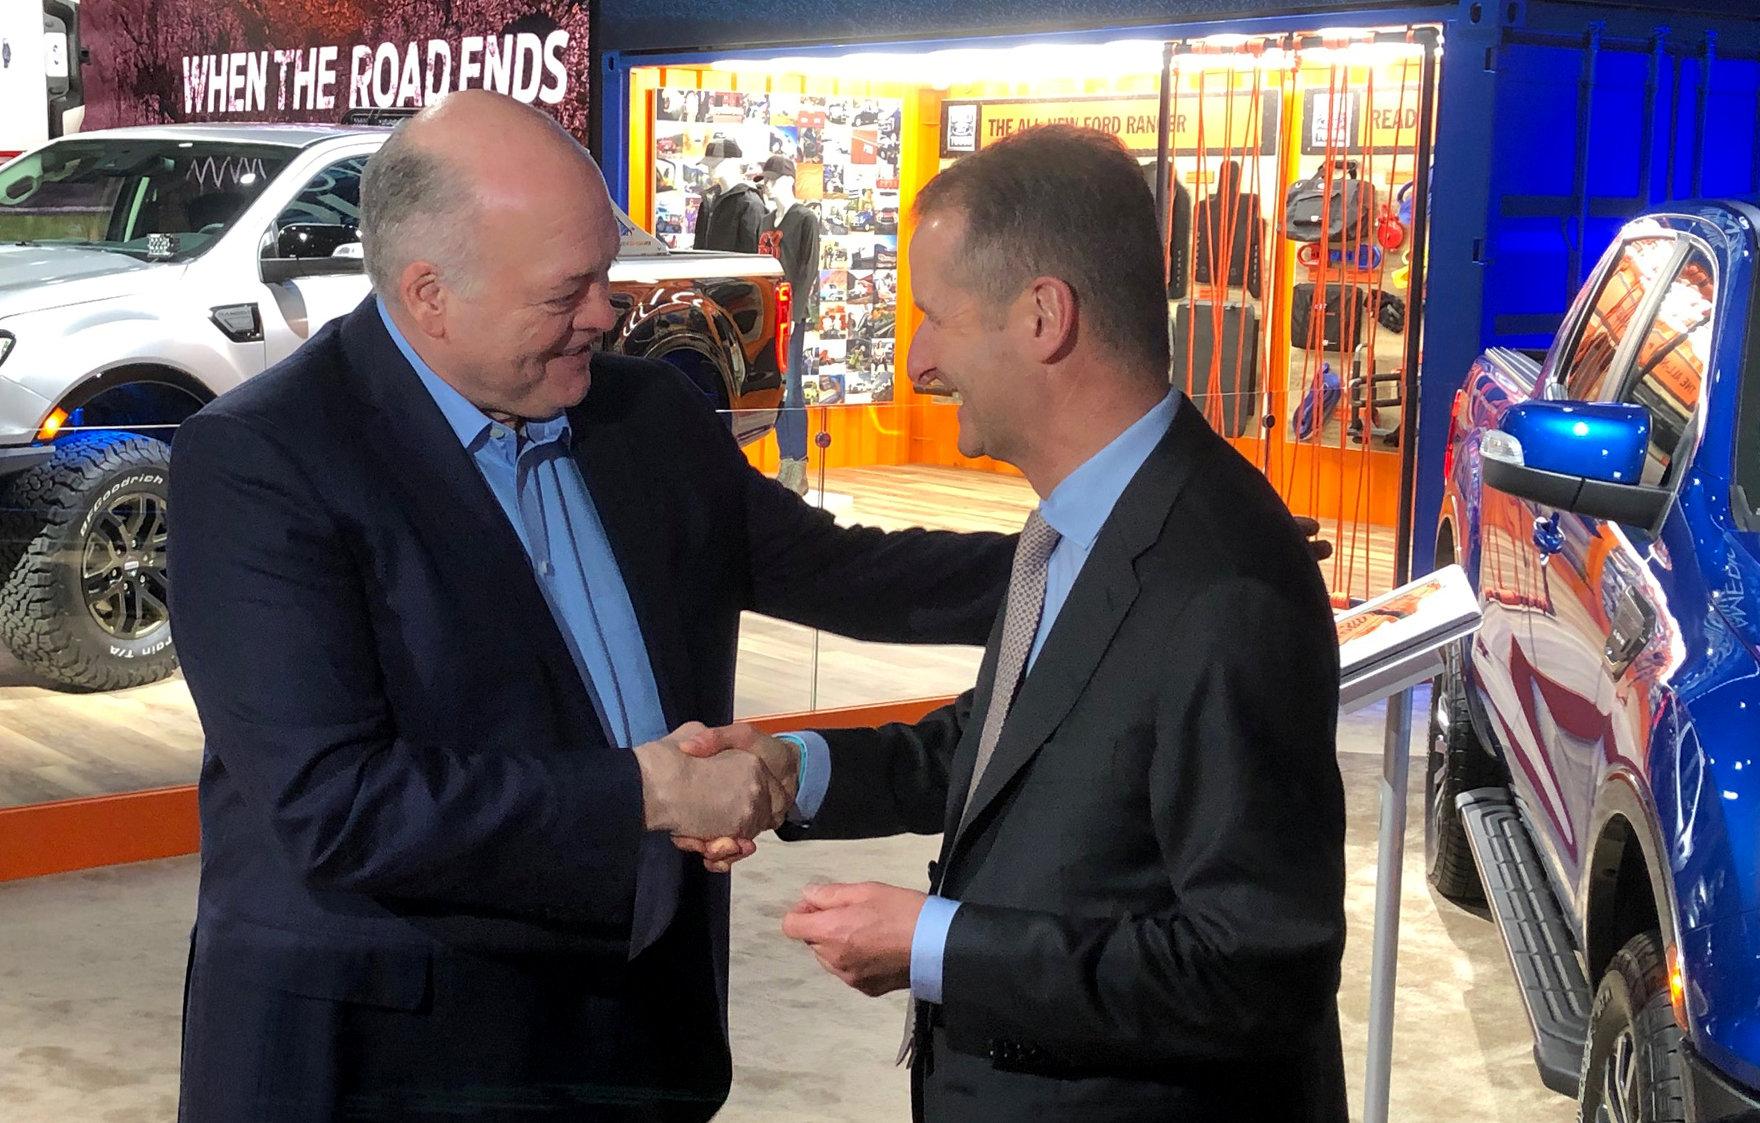 El CEO de Ford, Jim Hackett, estrecha la mano del líder de Volkswagen, Herbert Diess (Reuters)